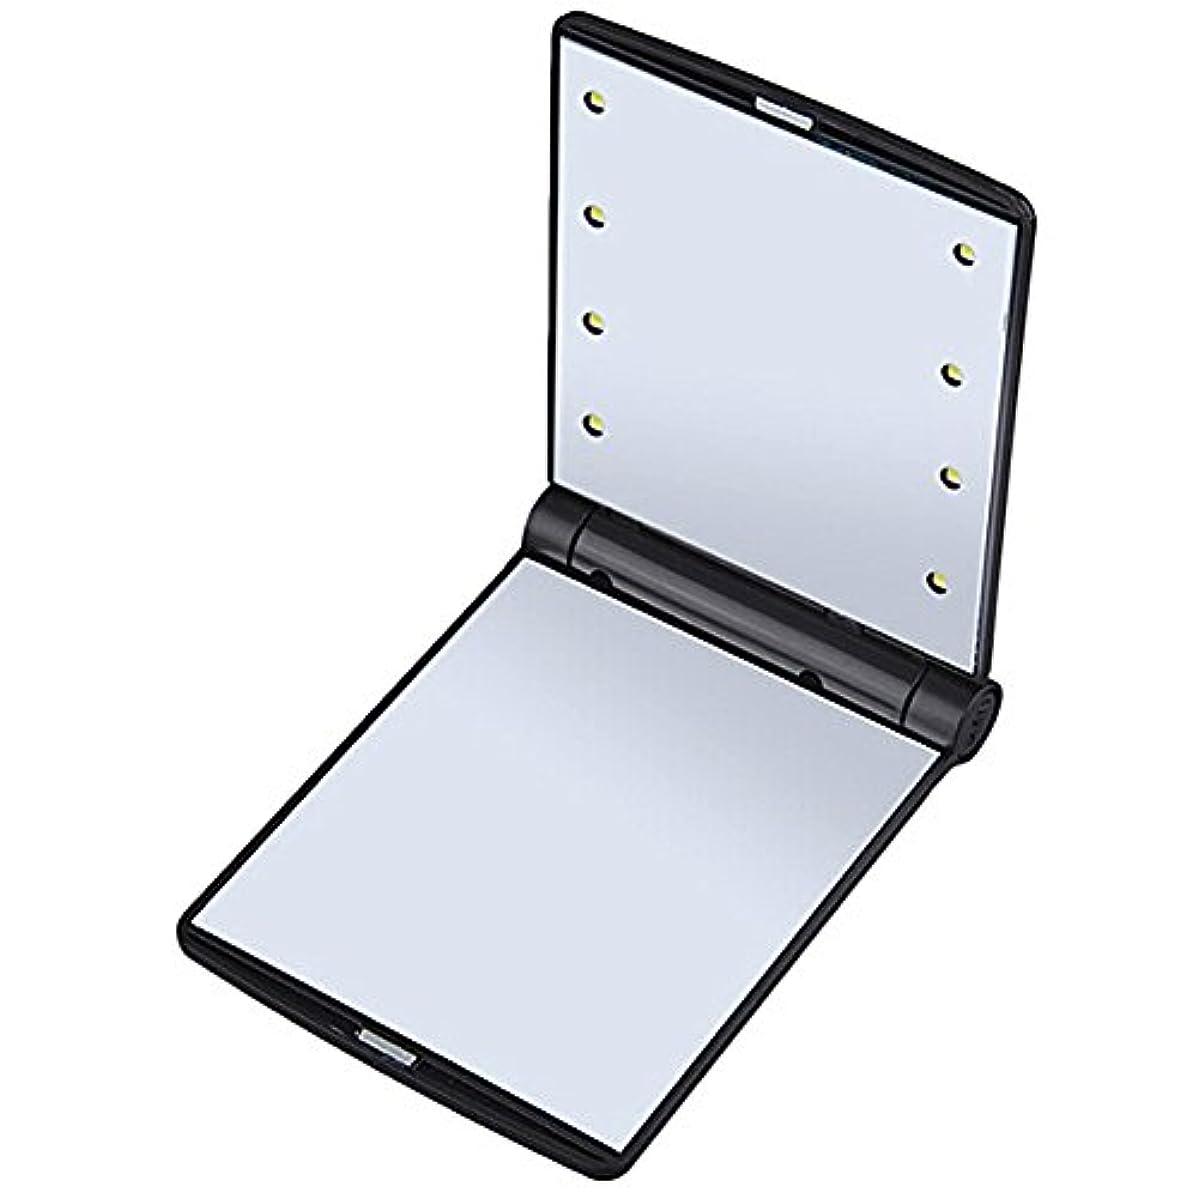 規模ホイットニー恐ろしいB-PING 鏡 化粧鏡 女優ミラー 調光型二面鏡 拡大鏡付き 330度調節可能 コンパクトミラー スタンドミラー 折りたたみ式 二面鏡 LED ライト8個 無印タイプ 5色のオプション (ブラック)